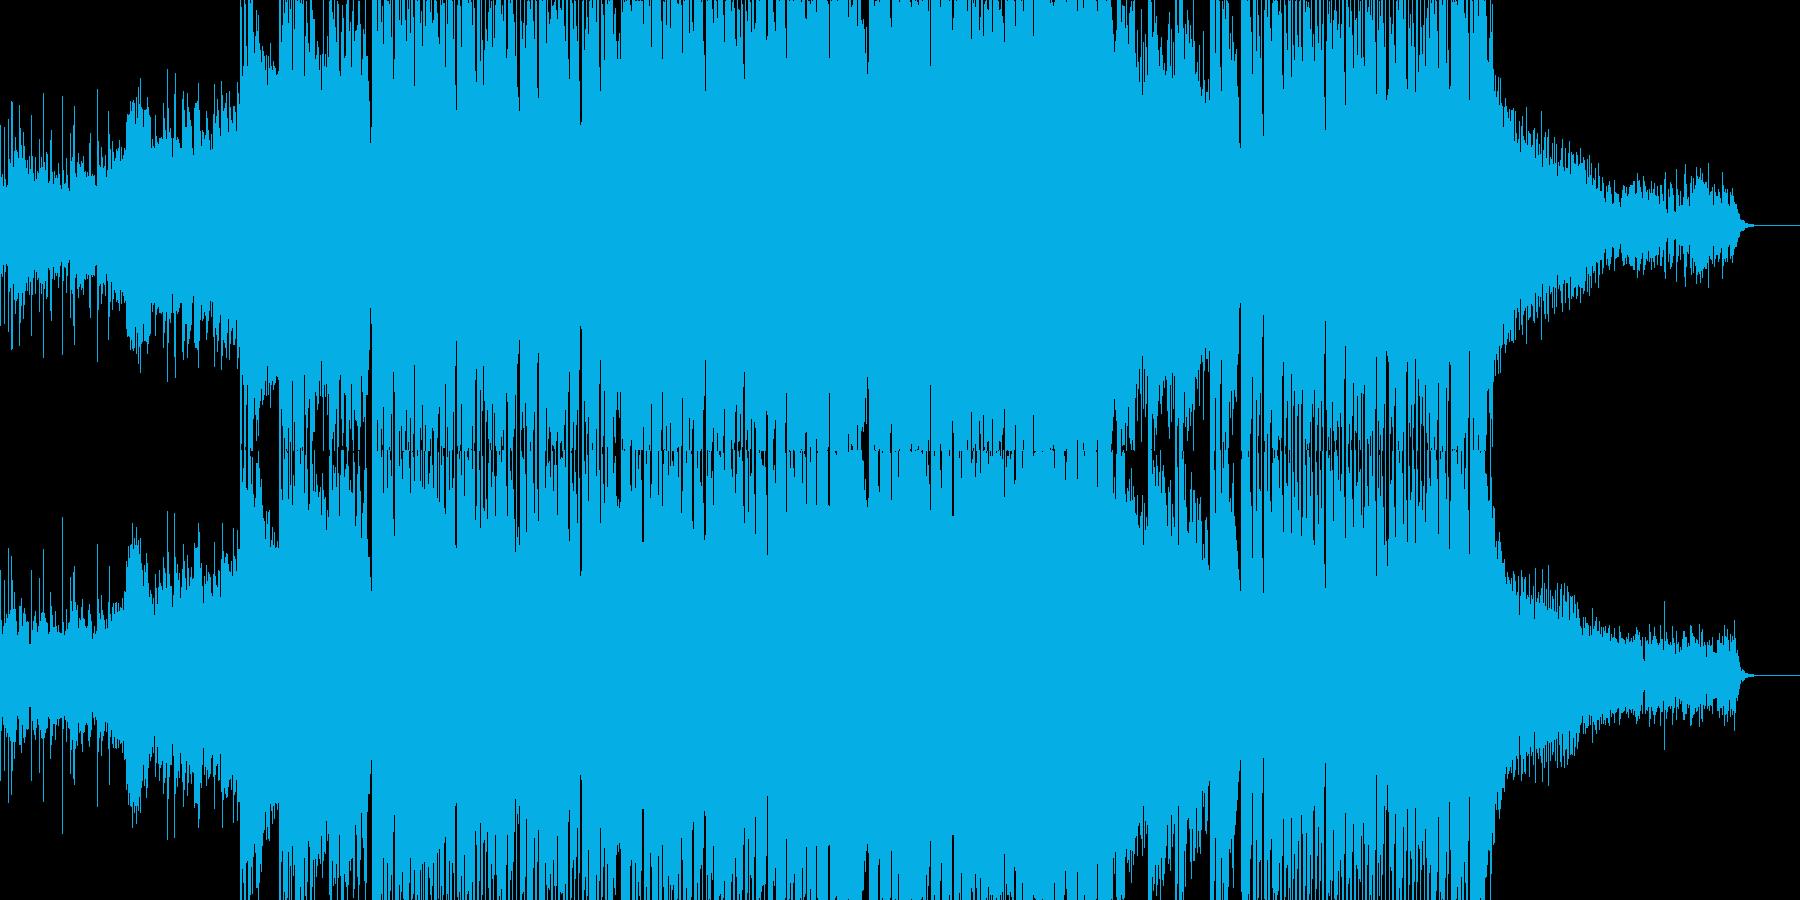 【ストリングス無し】エピックメタ…緊迫の再生済みの波形